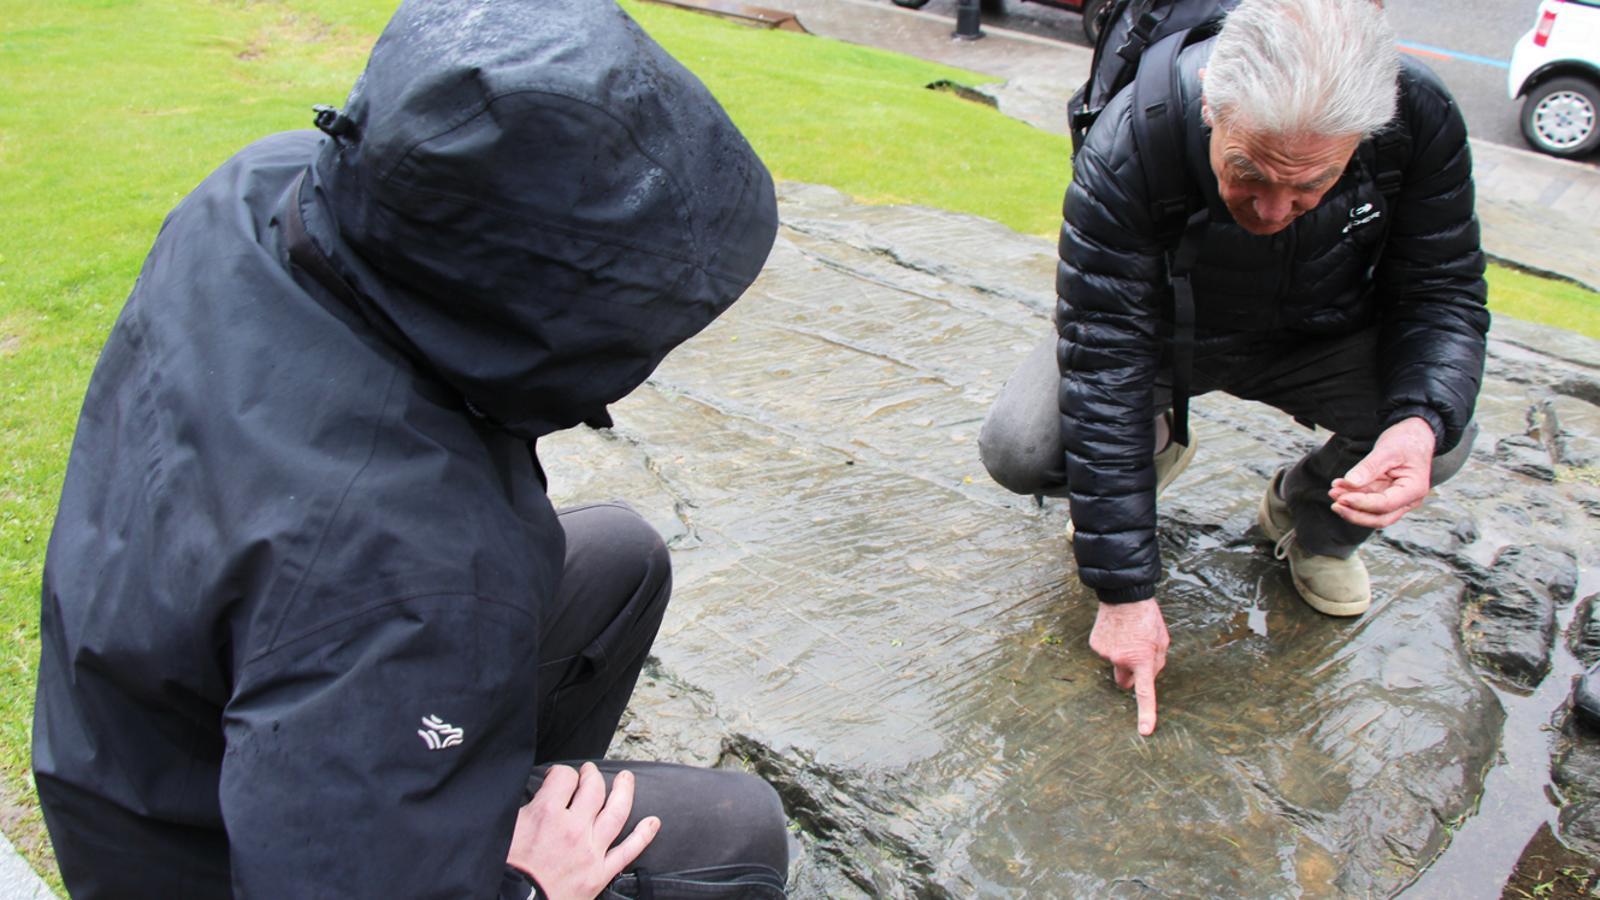 L'expert Pierre Campmajo examina la reproducció fidel del Roc de les Bruixes, davant del Palau de Gel. / E. J. M. (ANA)